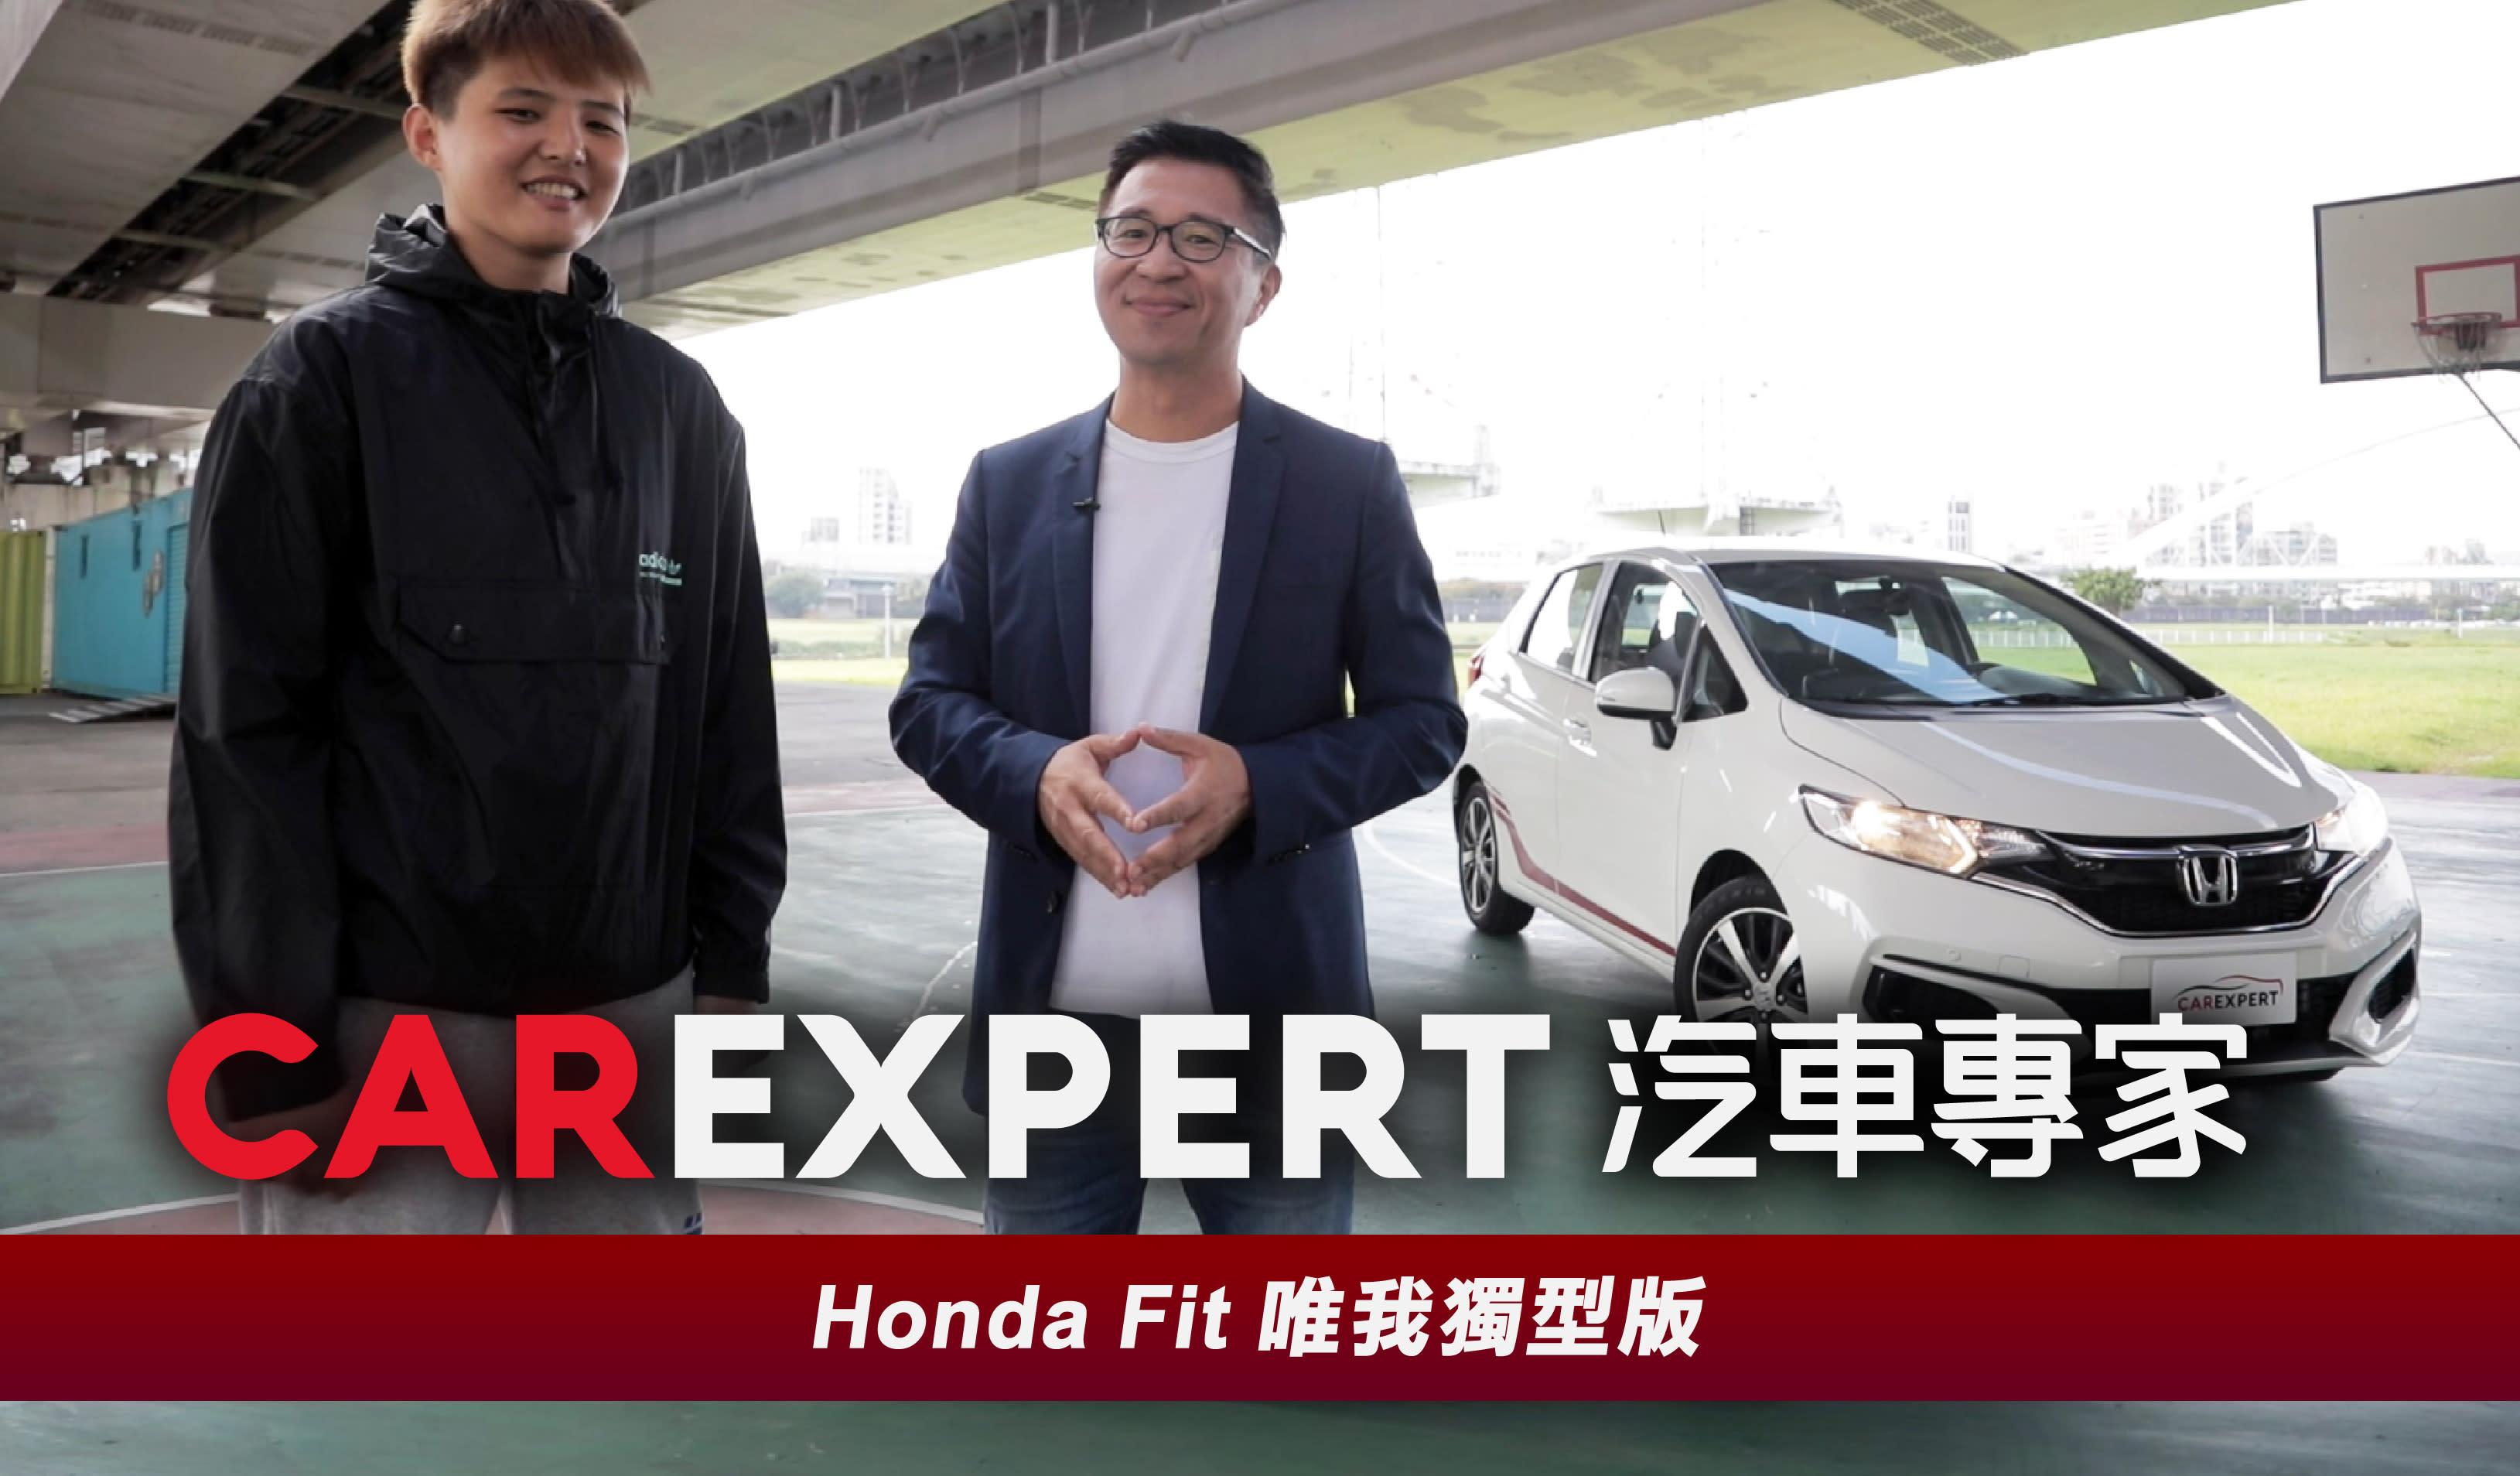 181公分籃球國手挑戰空間魔術師 Honda Fit試駕